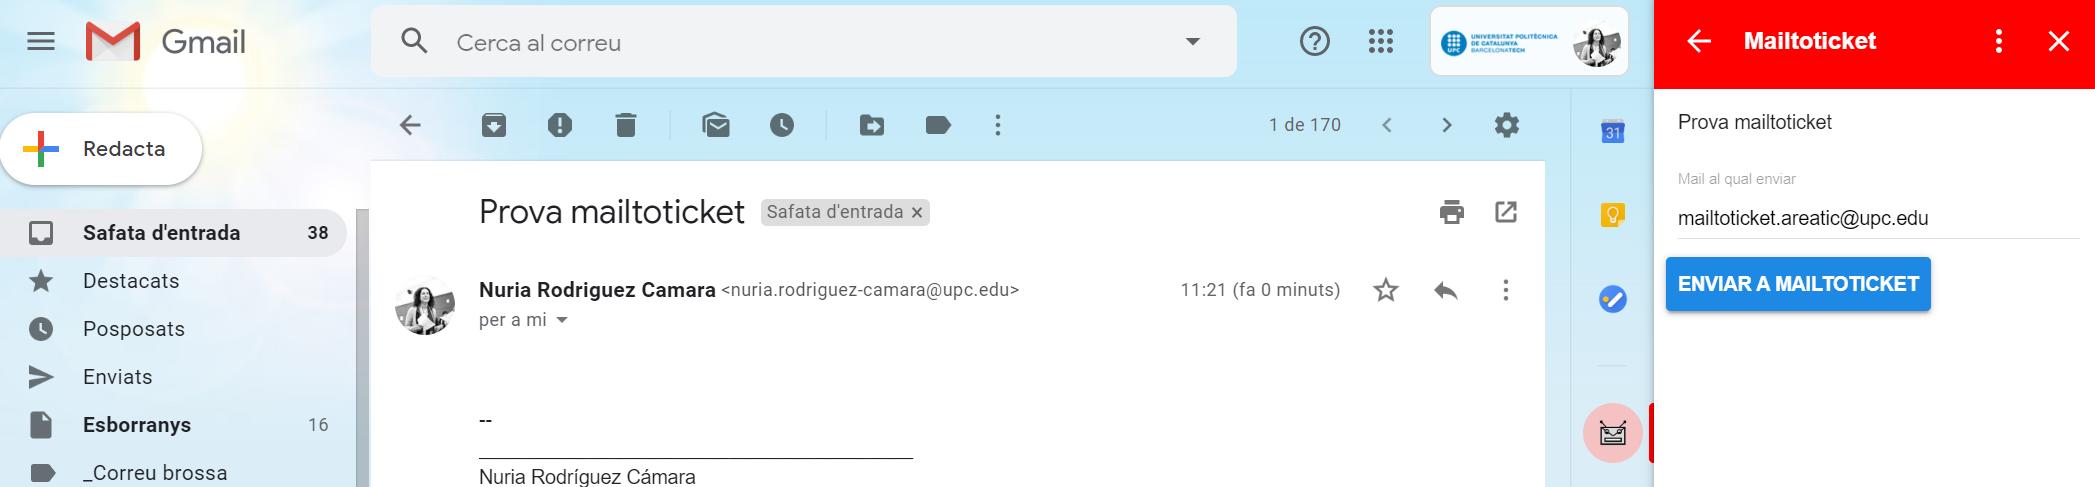 prova_mailtoticket.png